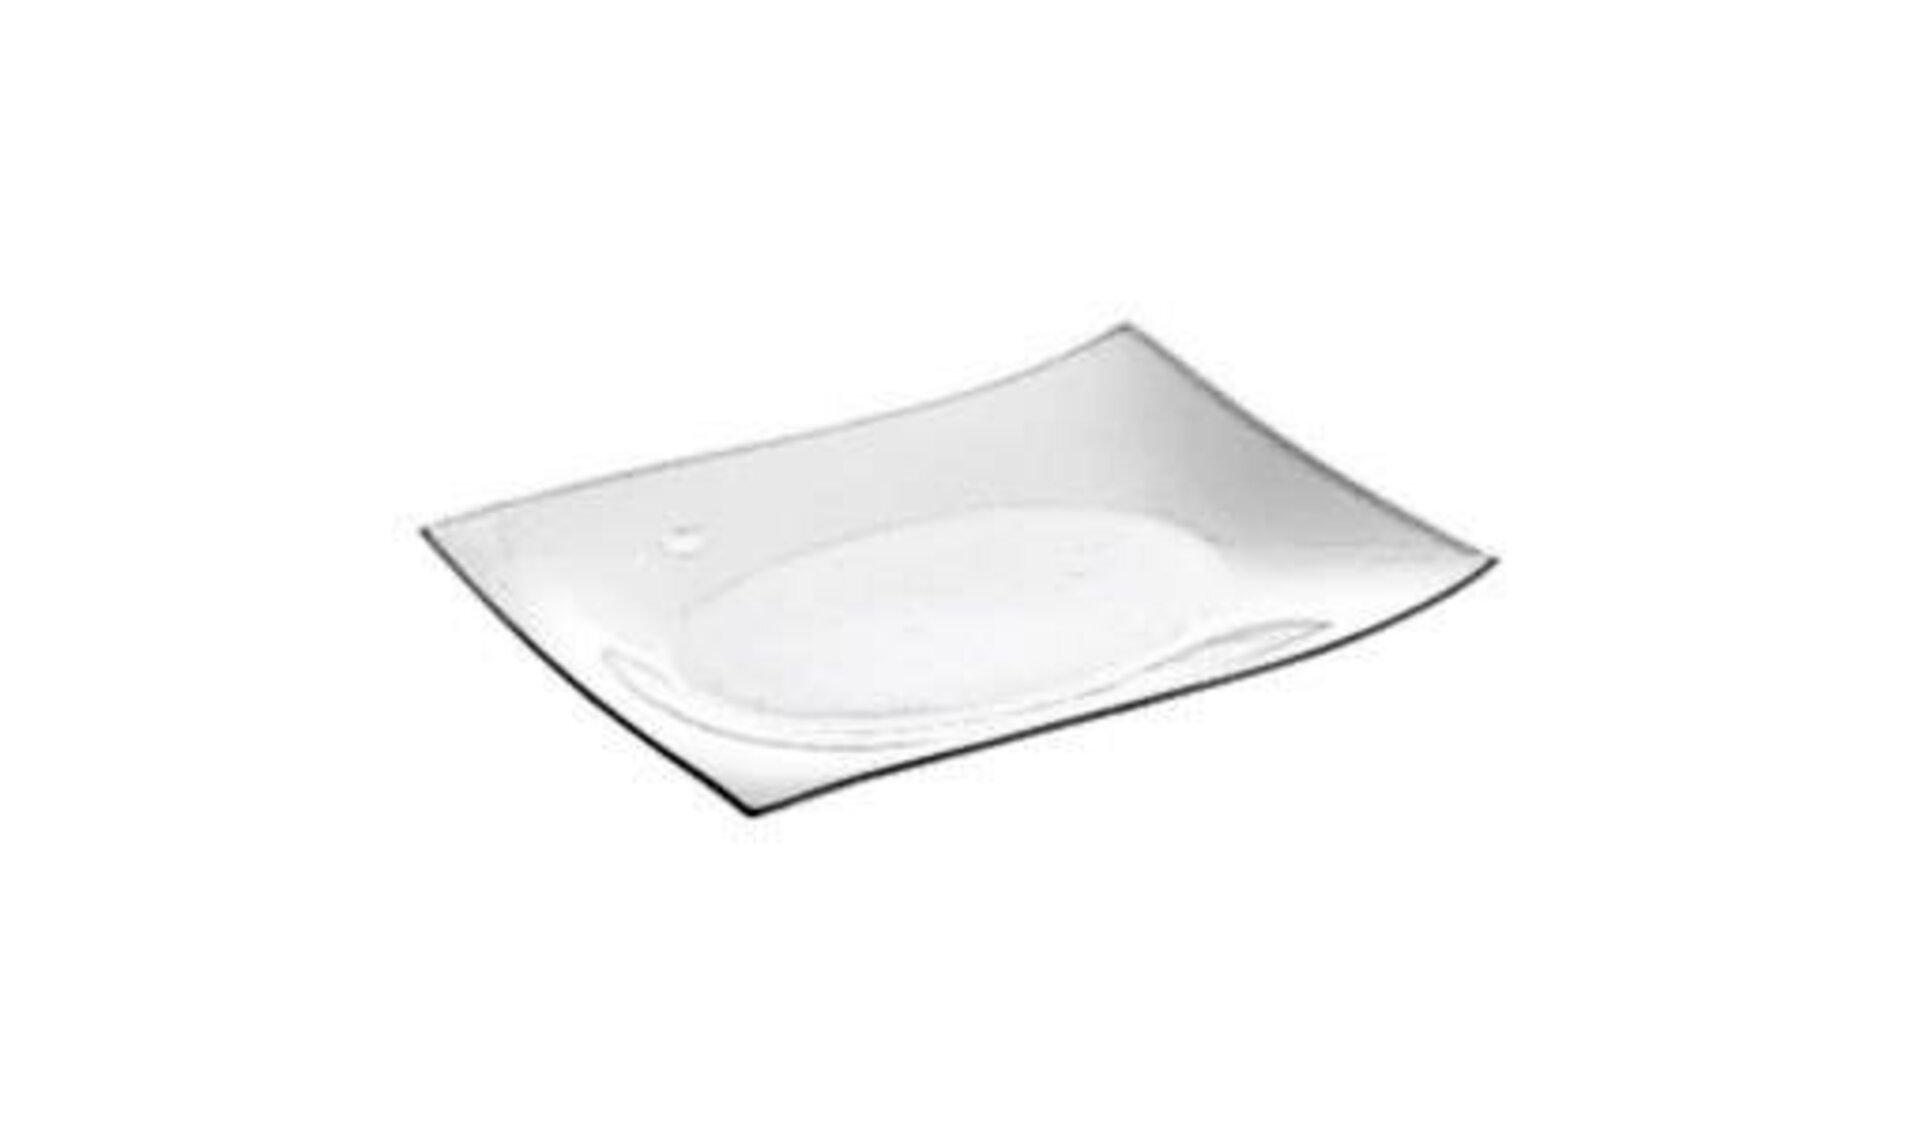 Moderner rechteckiger Teller aus weißem Porzellan steht für alle Teller innerhalb der Produktwelt.